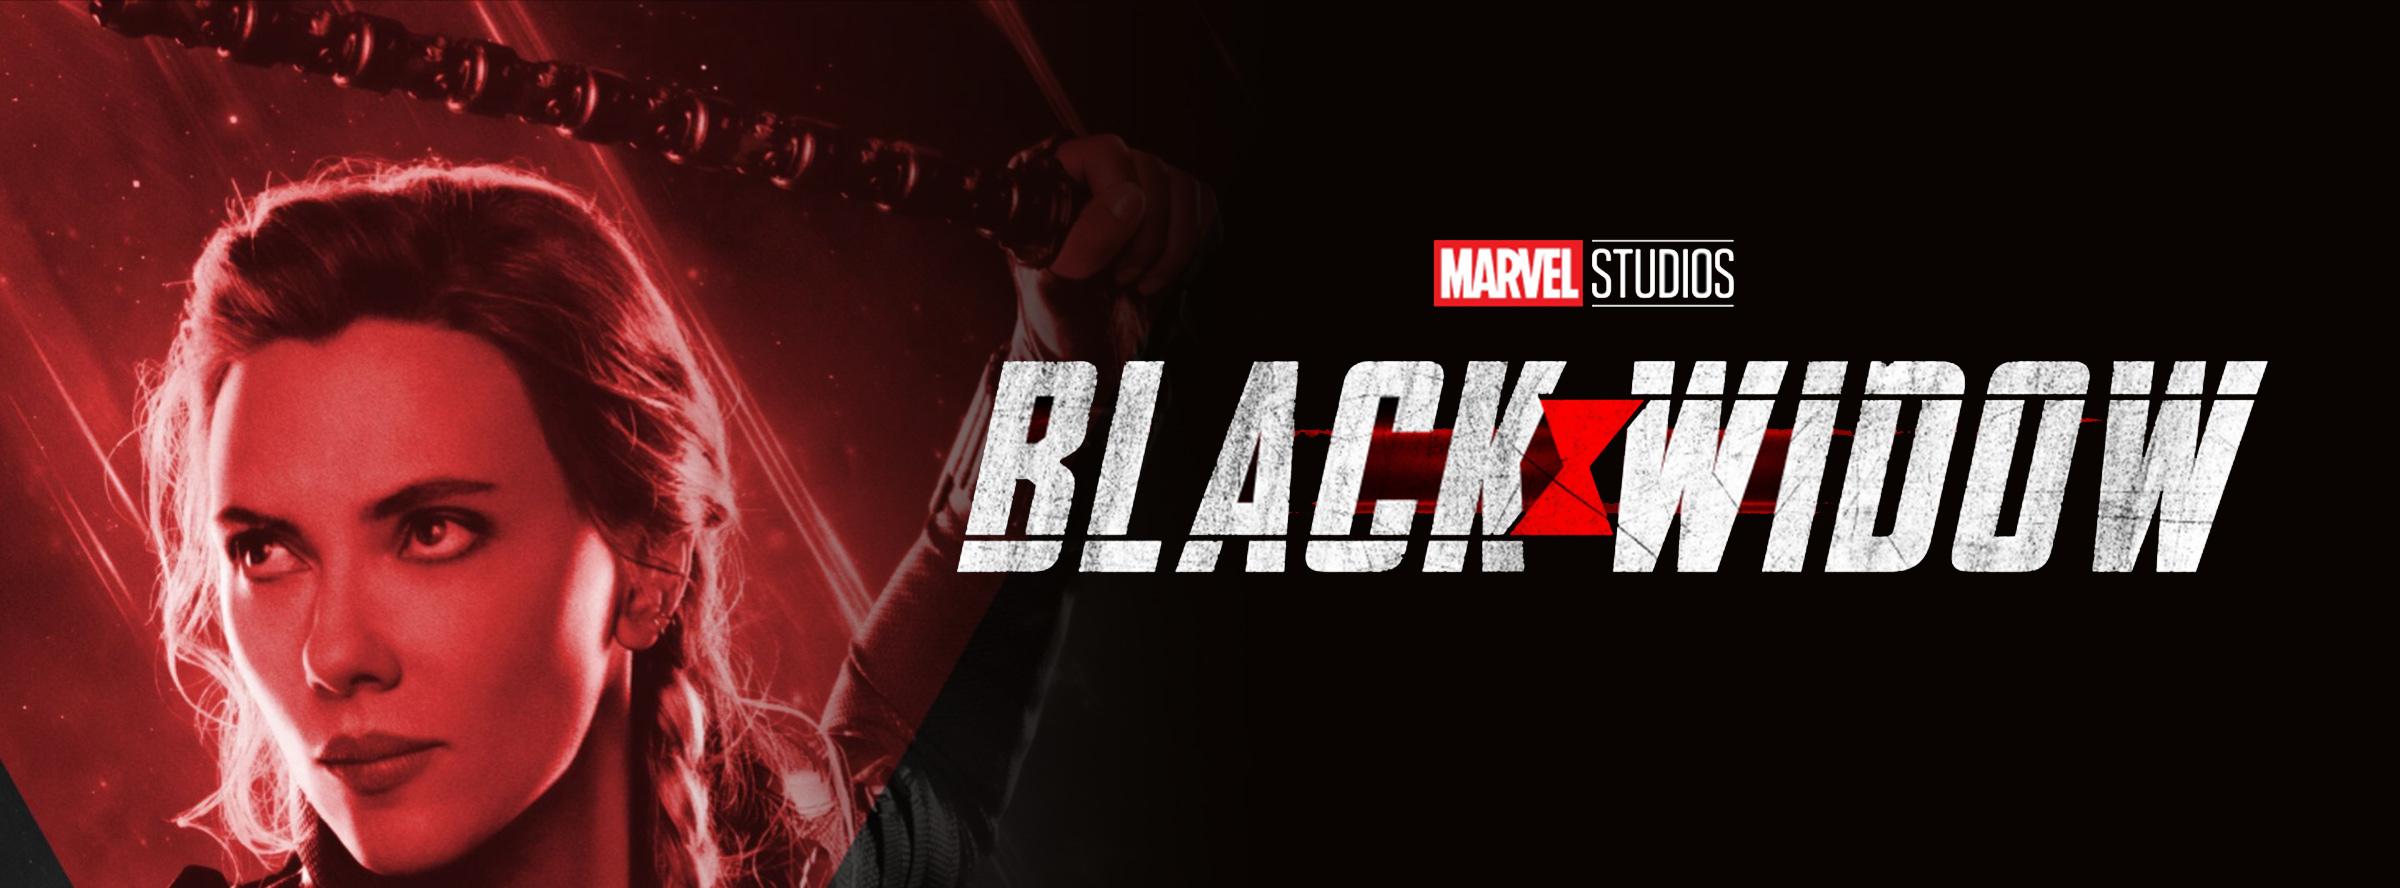 Black Widow Tix